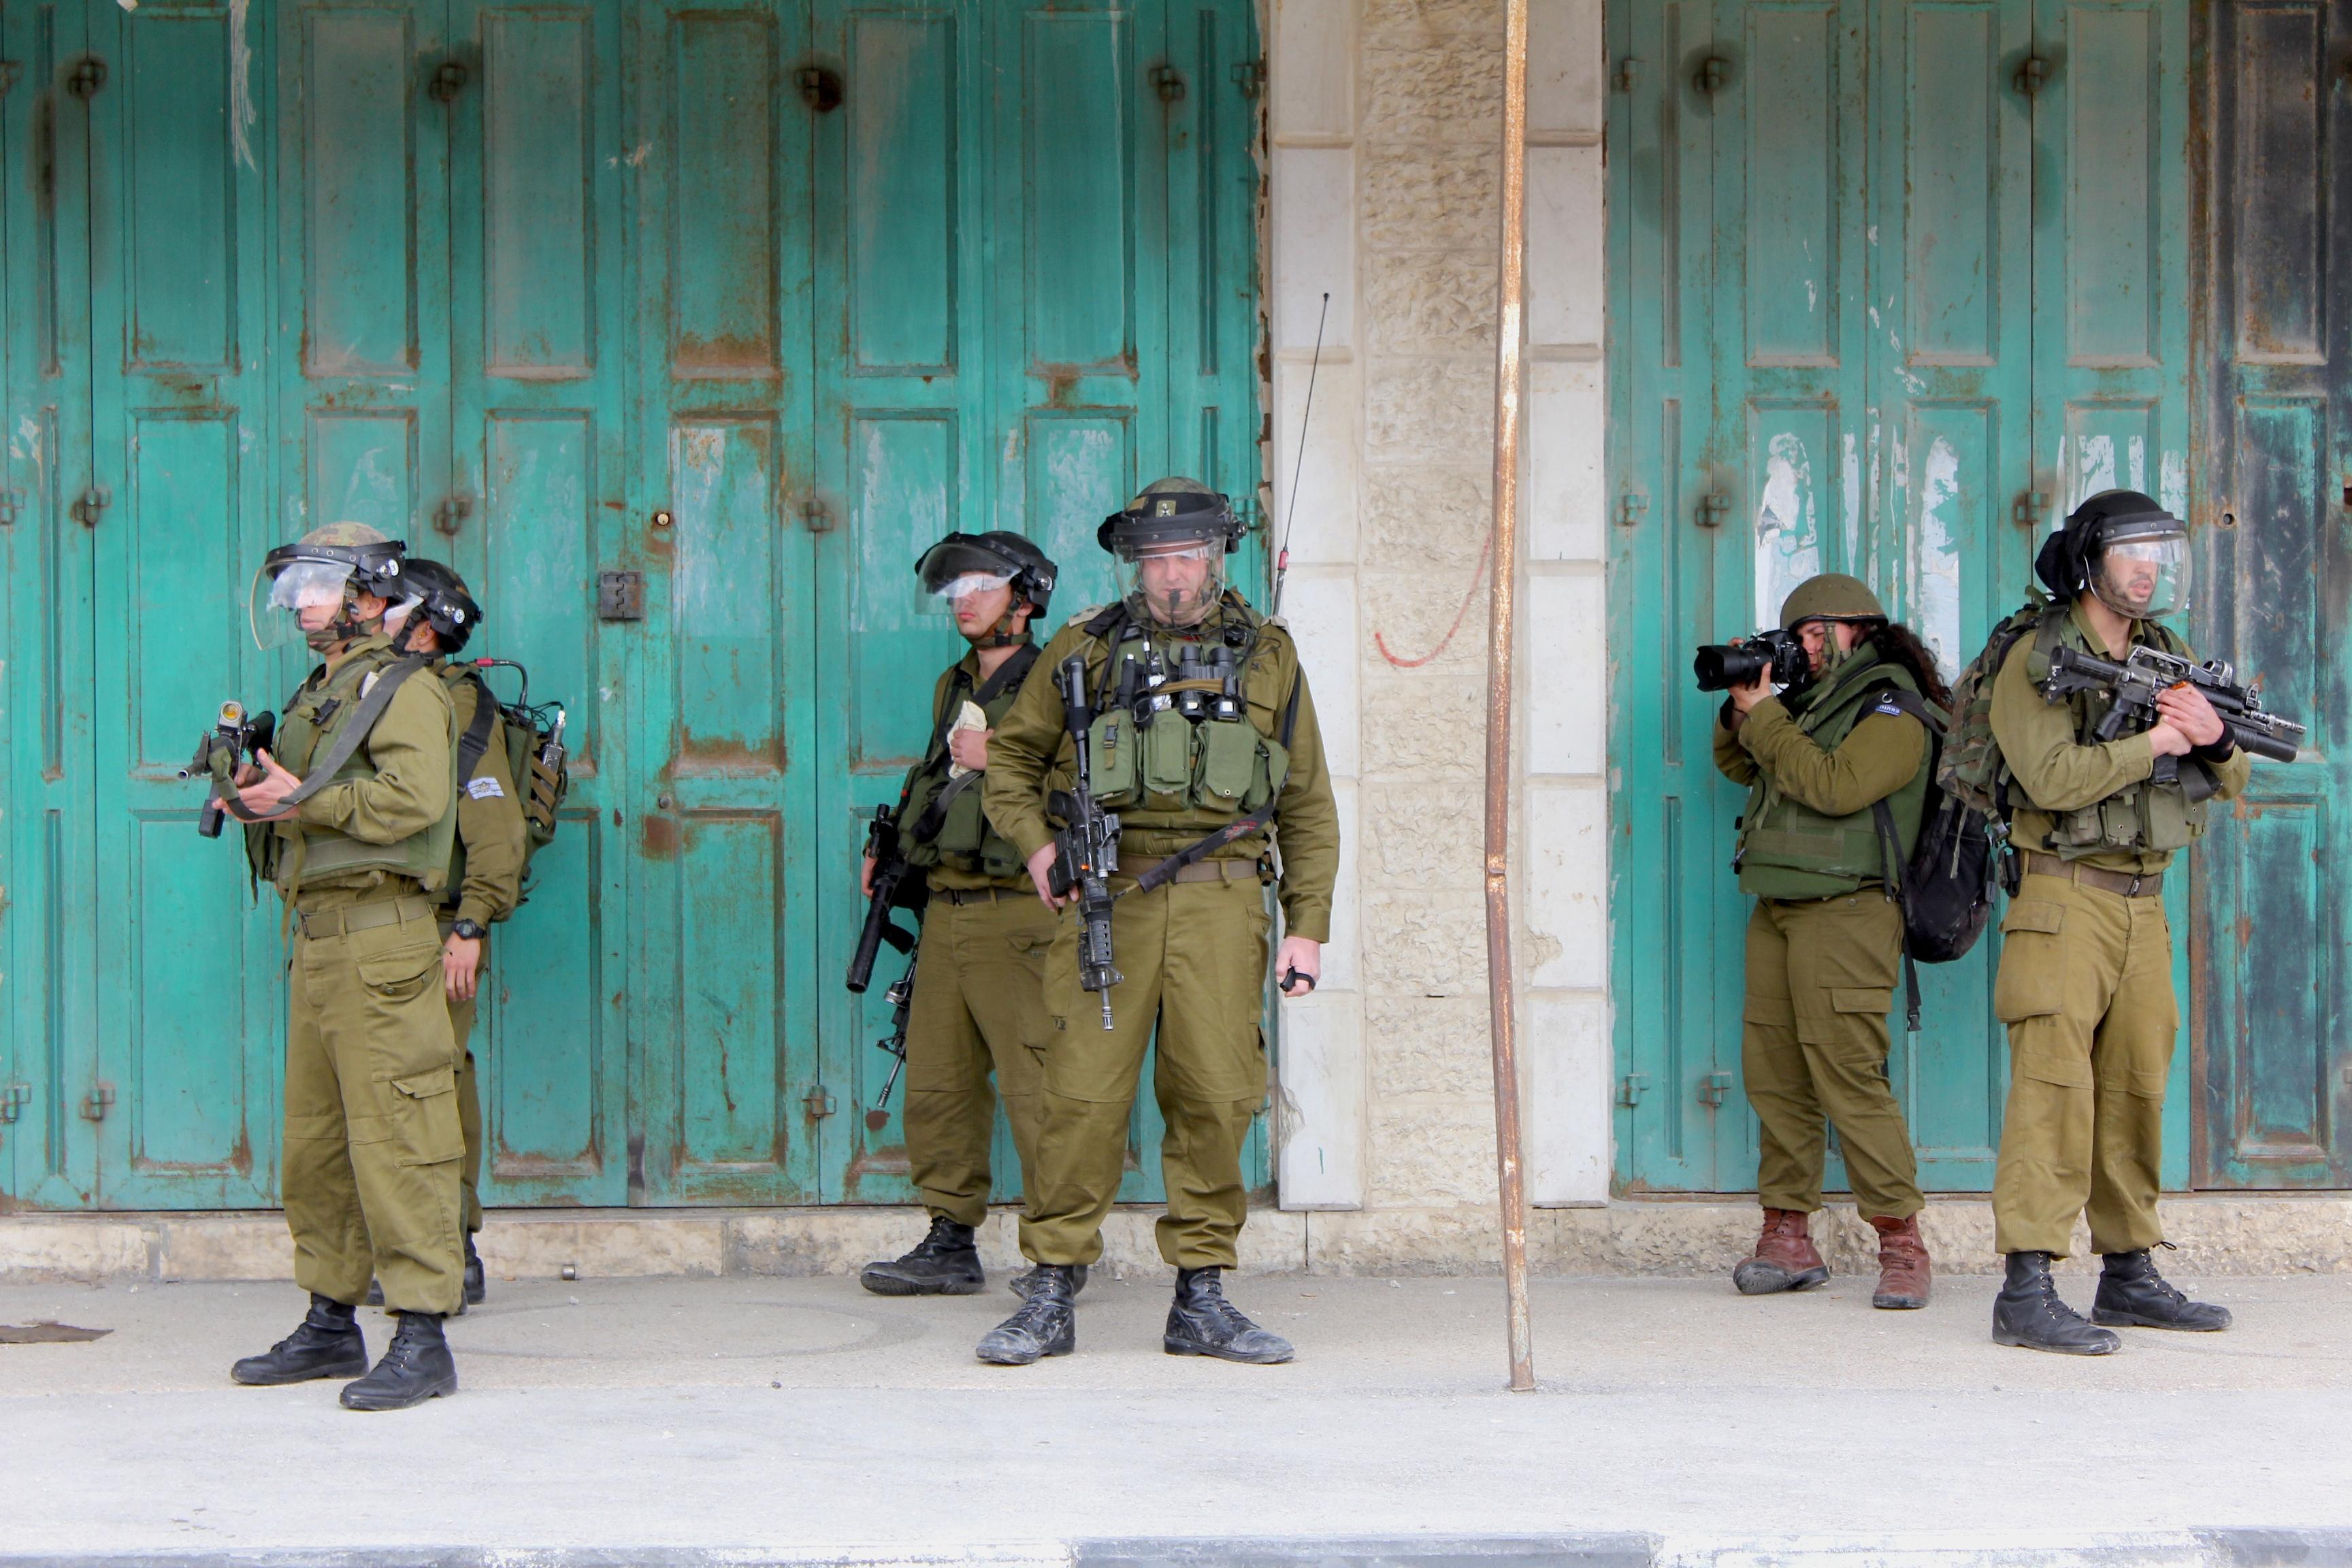 Soldats israéliens déployés au checkpoint de Qalandia en mars 2011 lors de la Journée de la Terre www.merblanche.com all rights reserved